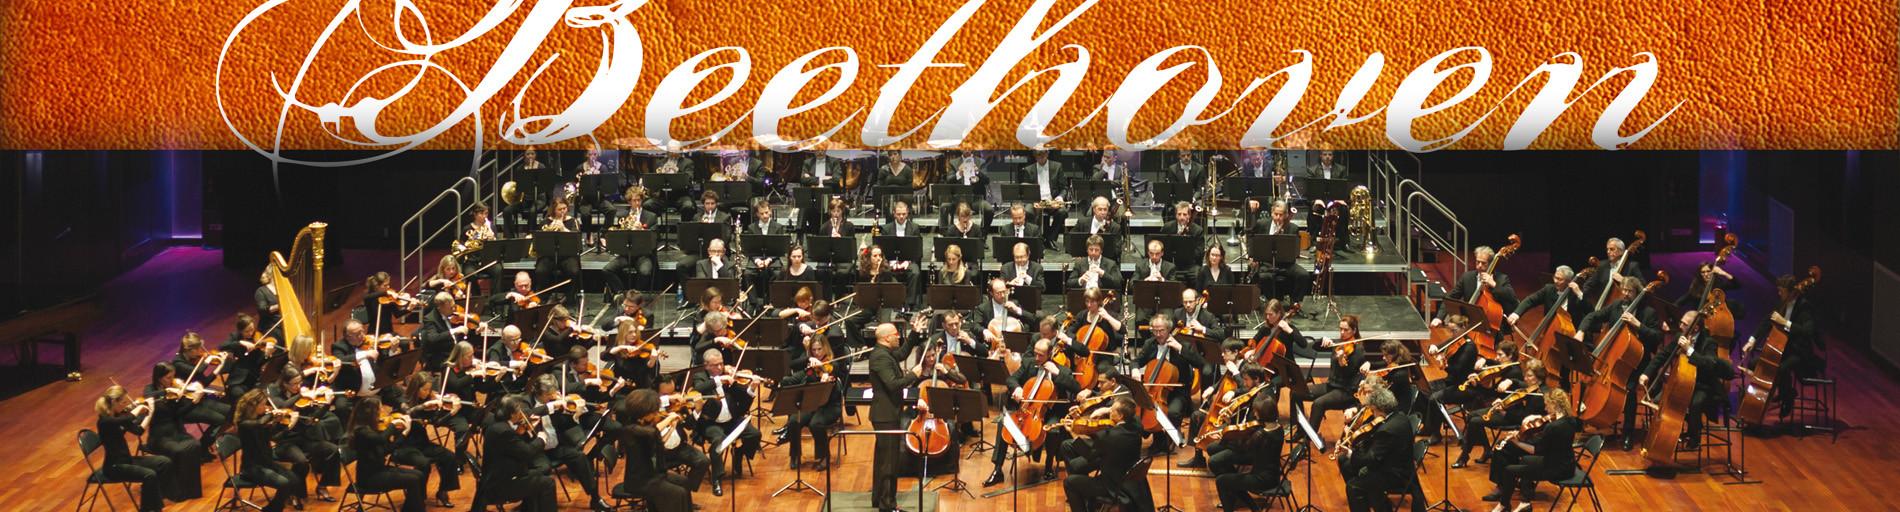 Concert de l'Orchestre National d'Ile-de-France « Beethoven »